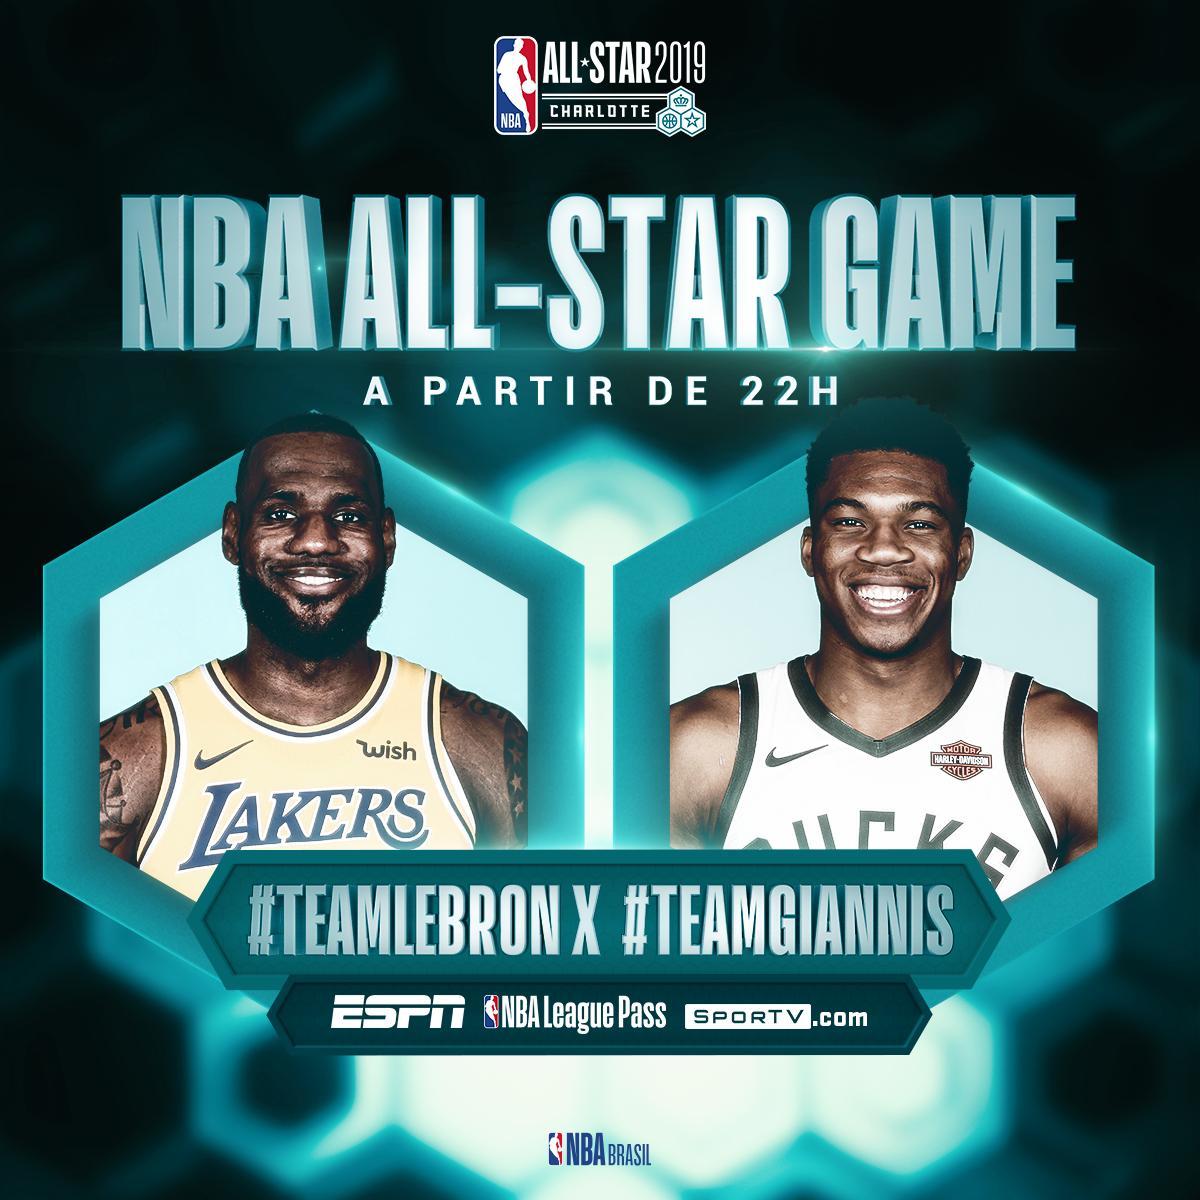 Finalizando o #NBAAllStar, #TeamLeBron e #TeamGiannis se encaram às 22h neste domingo! Assista ao vivo na ESPNagora, SporTV .com e NBA League Pass. #AllStarGame #NBAnaESPN #NBAnoSporTV